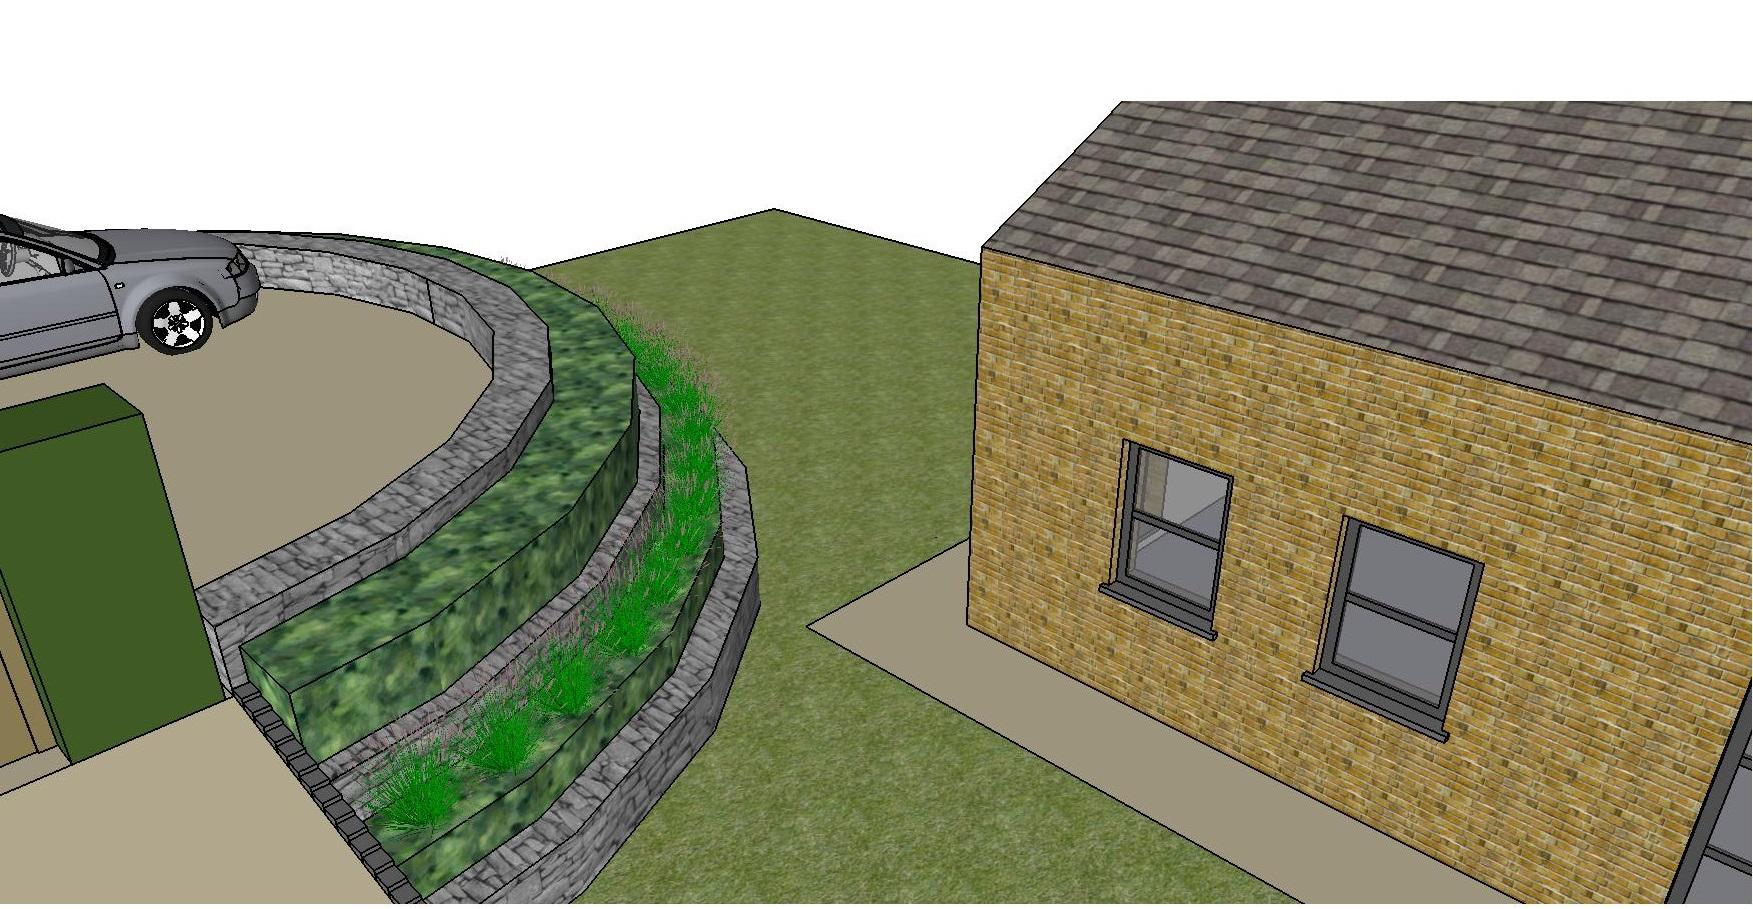 plan google sketchup parcs et jardins jean marc thonard. Black Bedroom Furniture Sets. Home Design Ideas